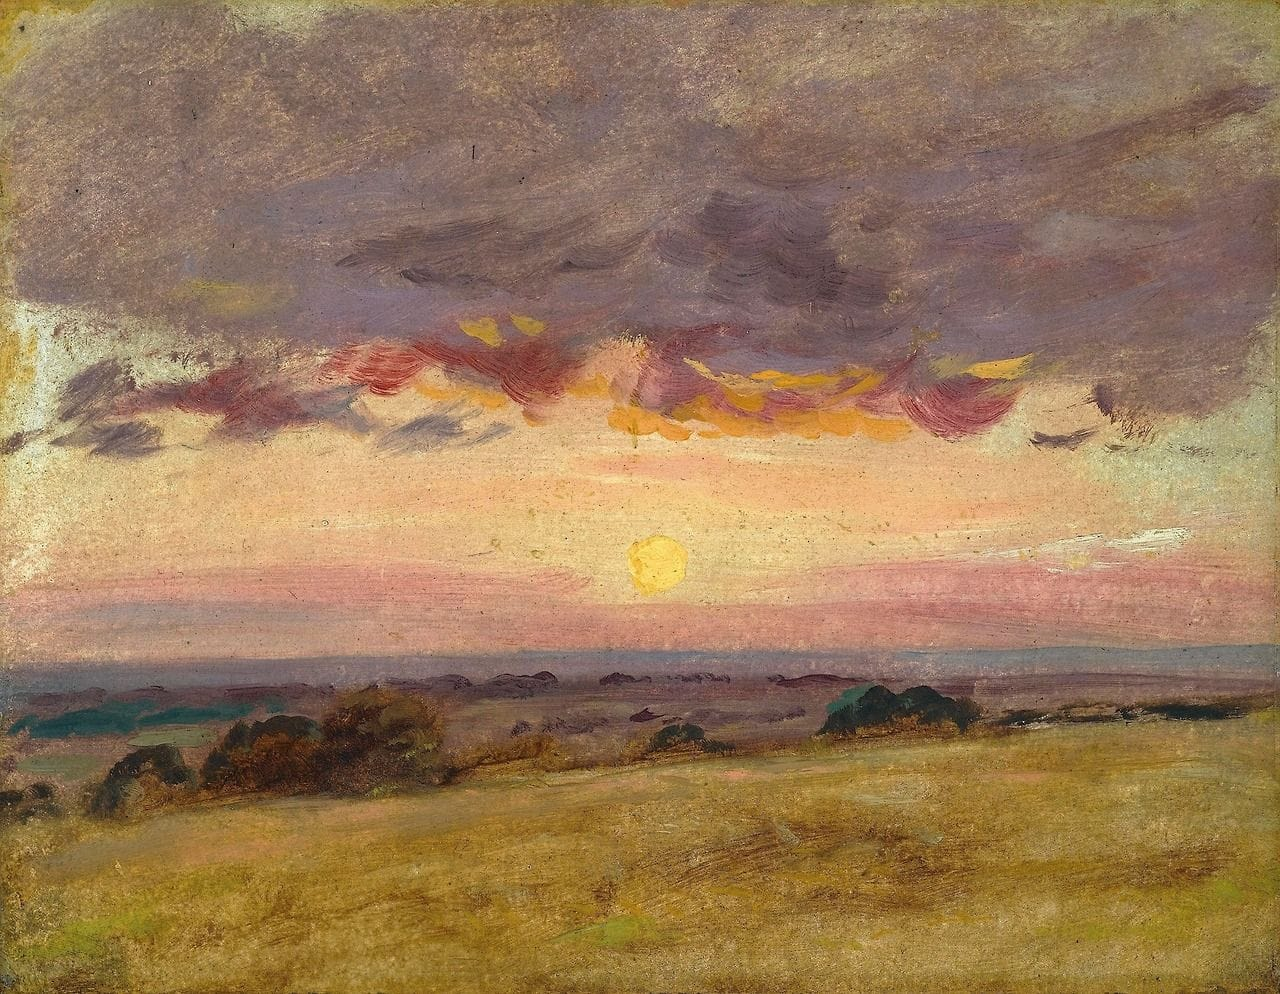 Chi era John Constable